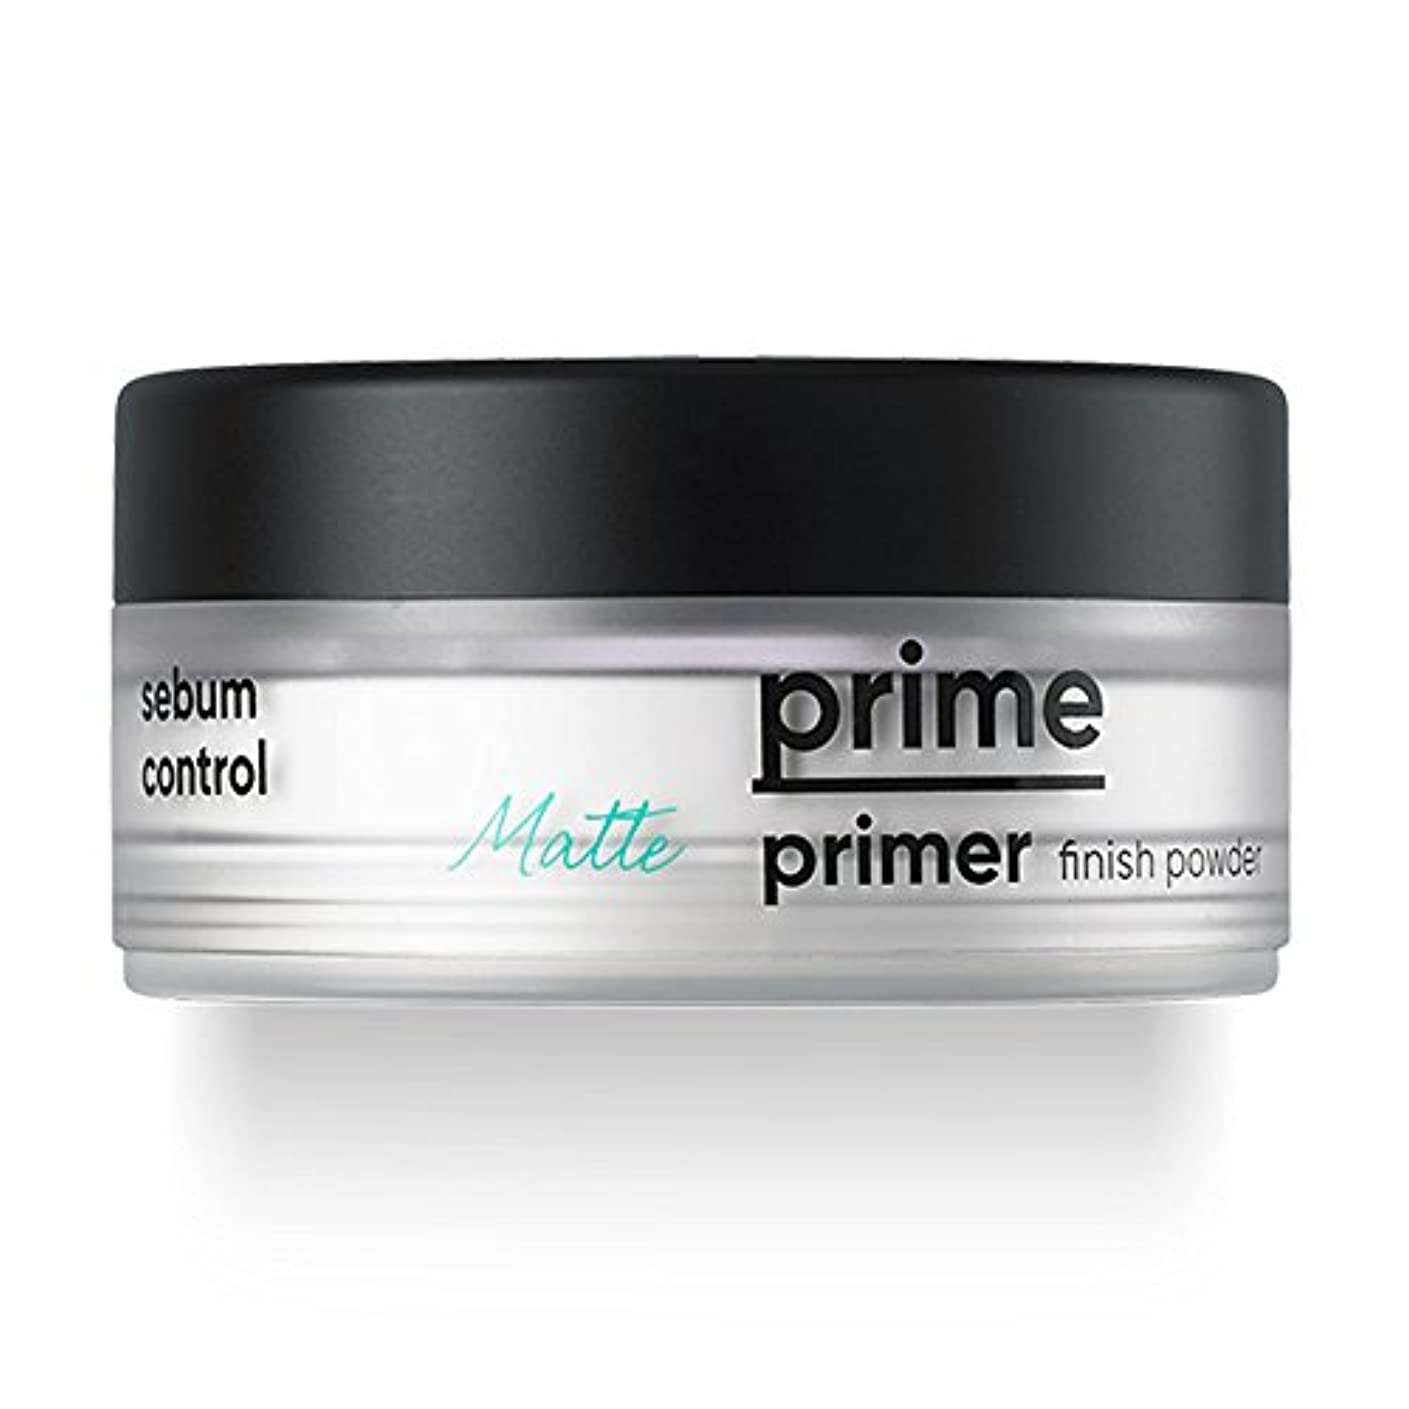 必要条件フォアタイプ花瓶BANILA CO(バニラコ) プライム プライマー フィニッシュ パウダー Prime Primer Matte Finish Powder 12g